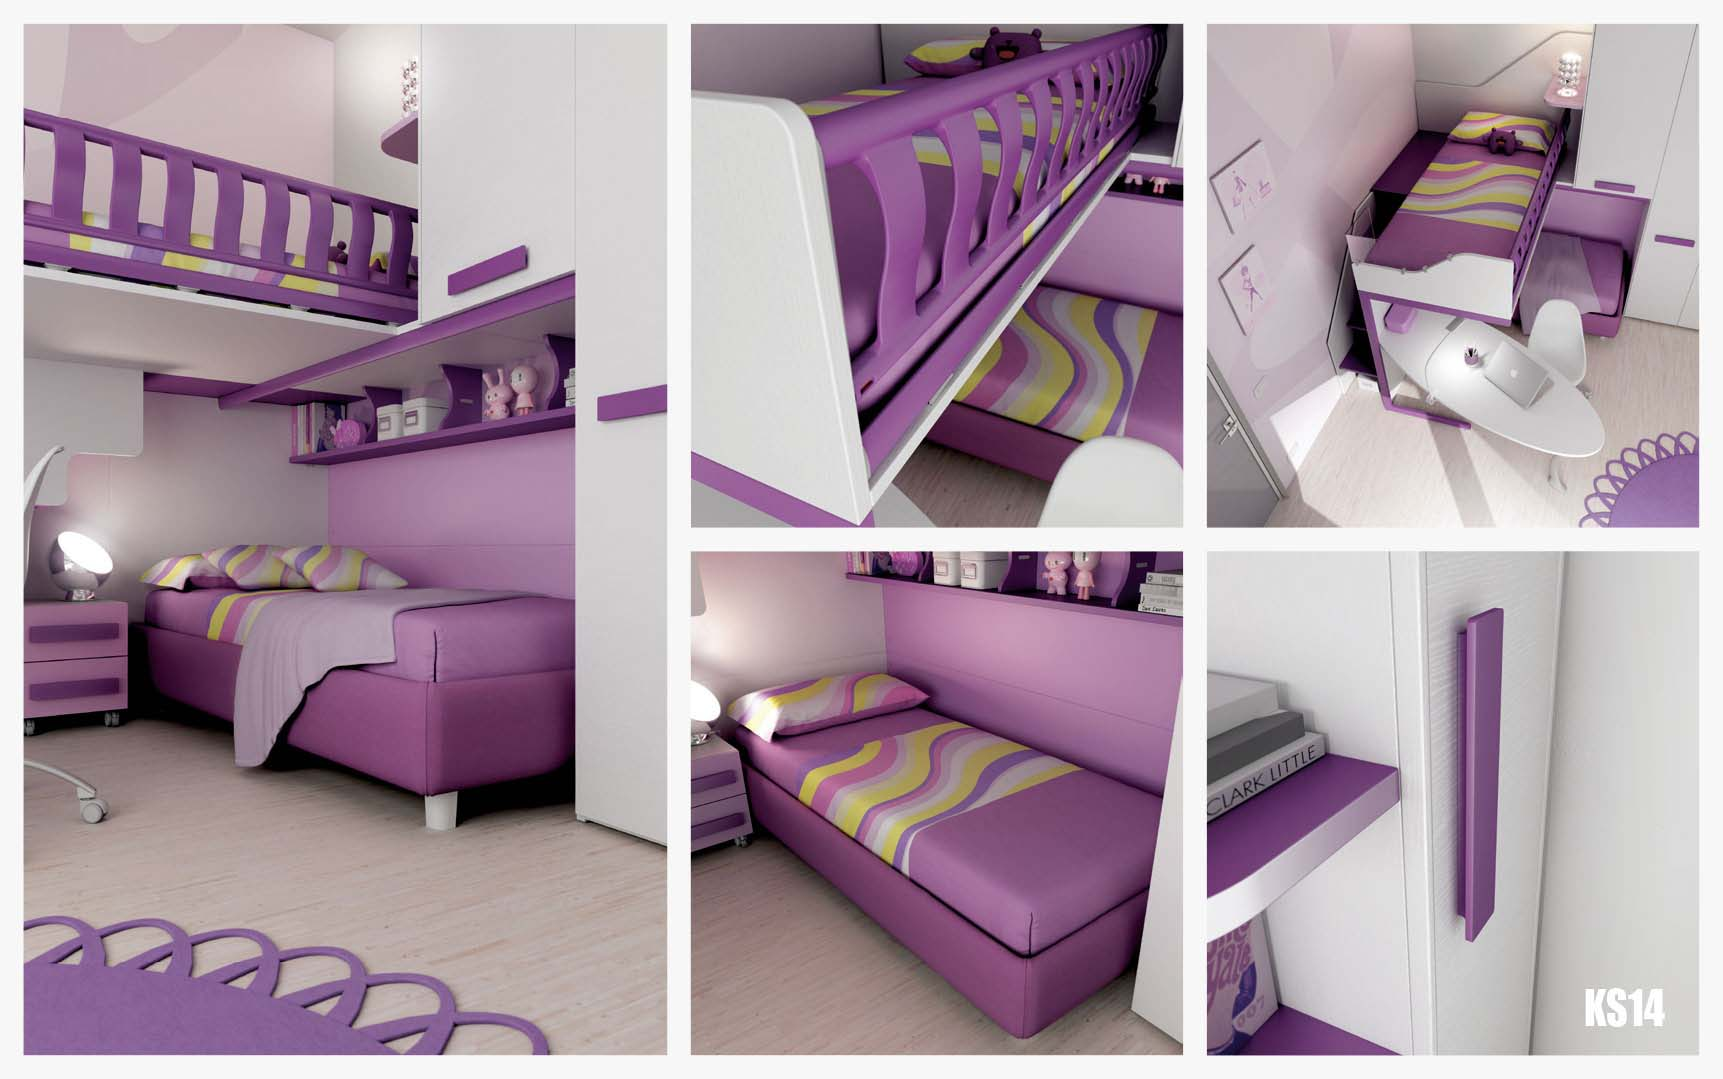 Chambre Enfant Design Avec Lits Superpos S Moretti Compact So Nuit